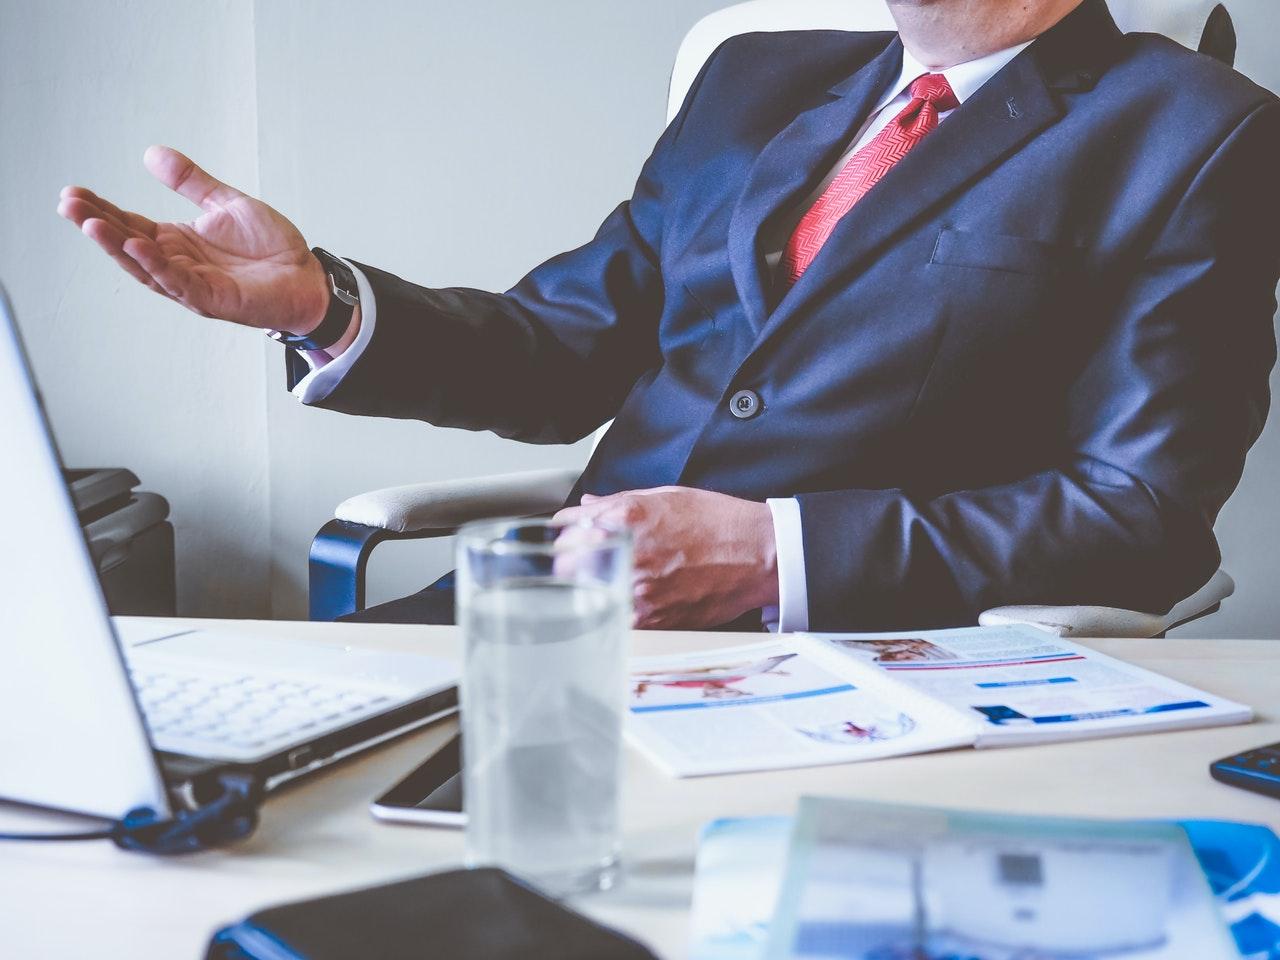 7 Les tendances en matière de gestion gagnent en popularité à l'échelle mondiale